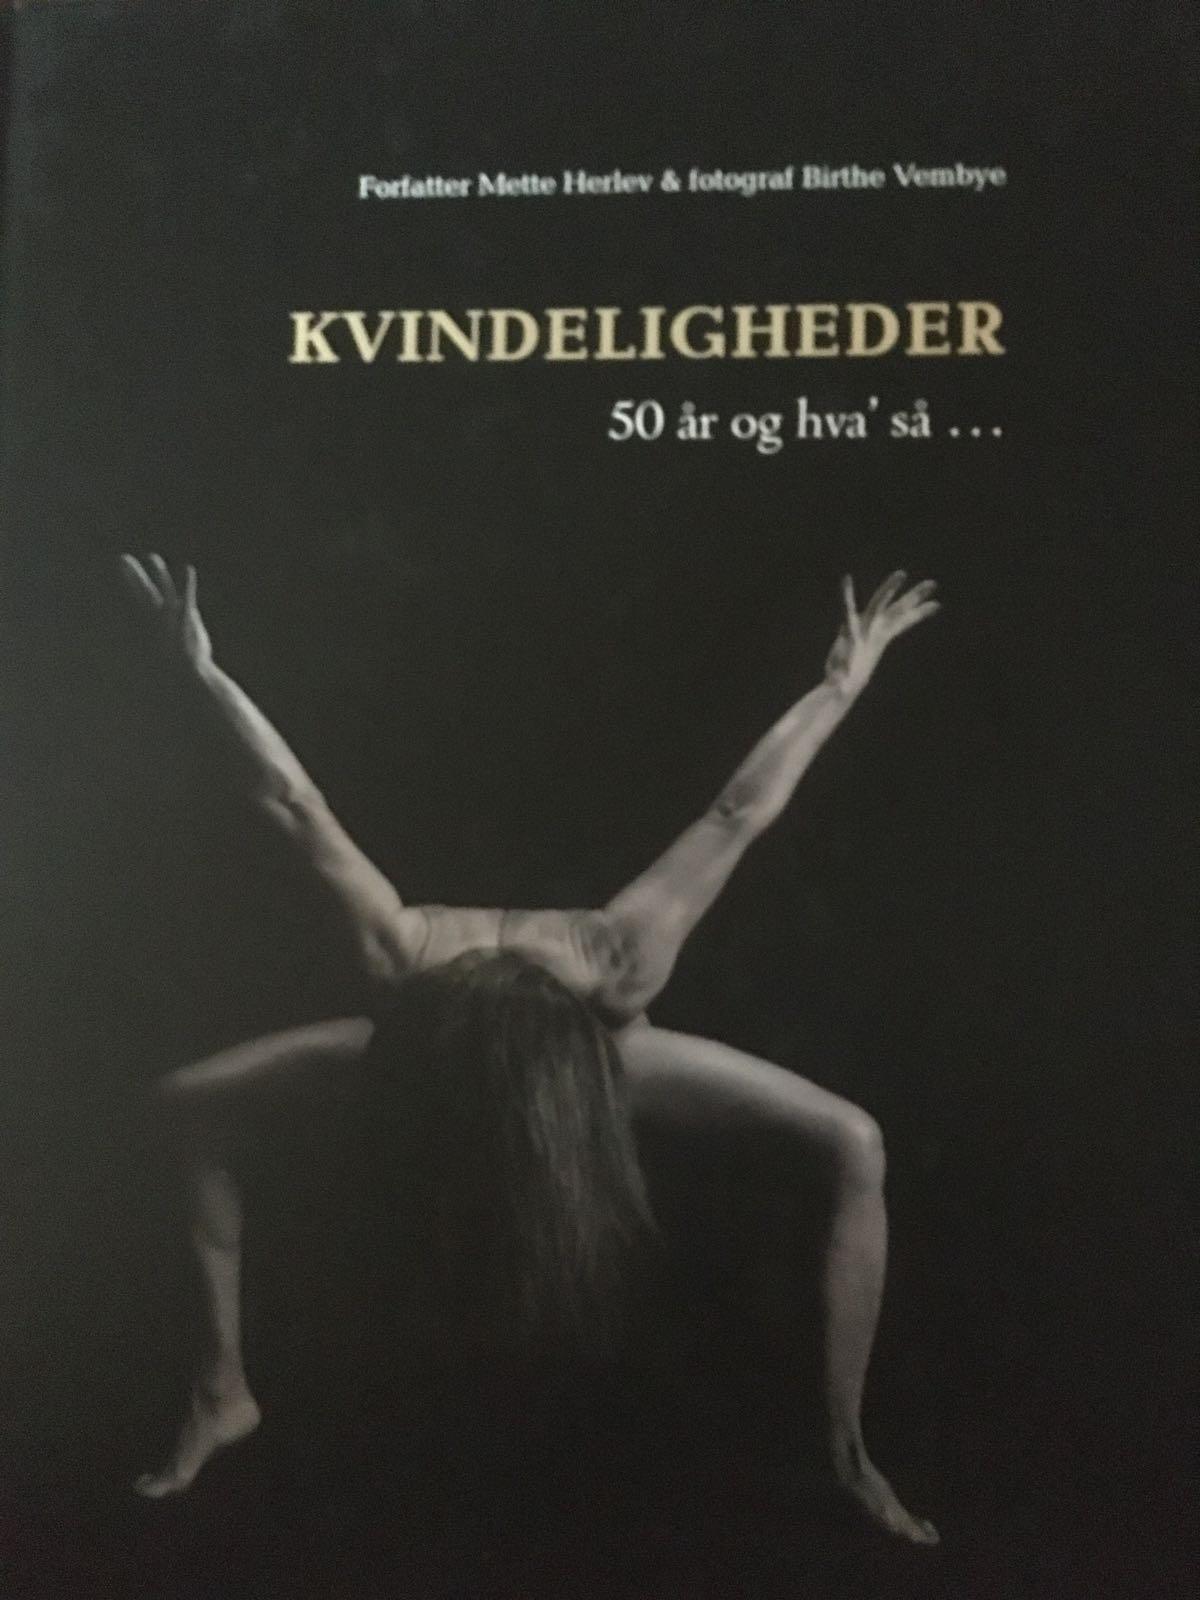 Kvindeligheden. 50 år og hva' så ... af forfatter Mette Herlev og fotograf Birthe Vembye